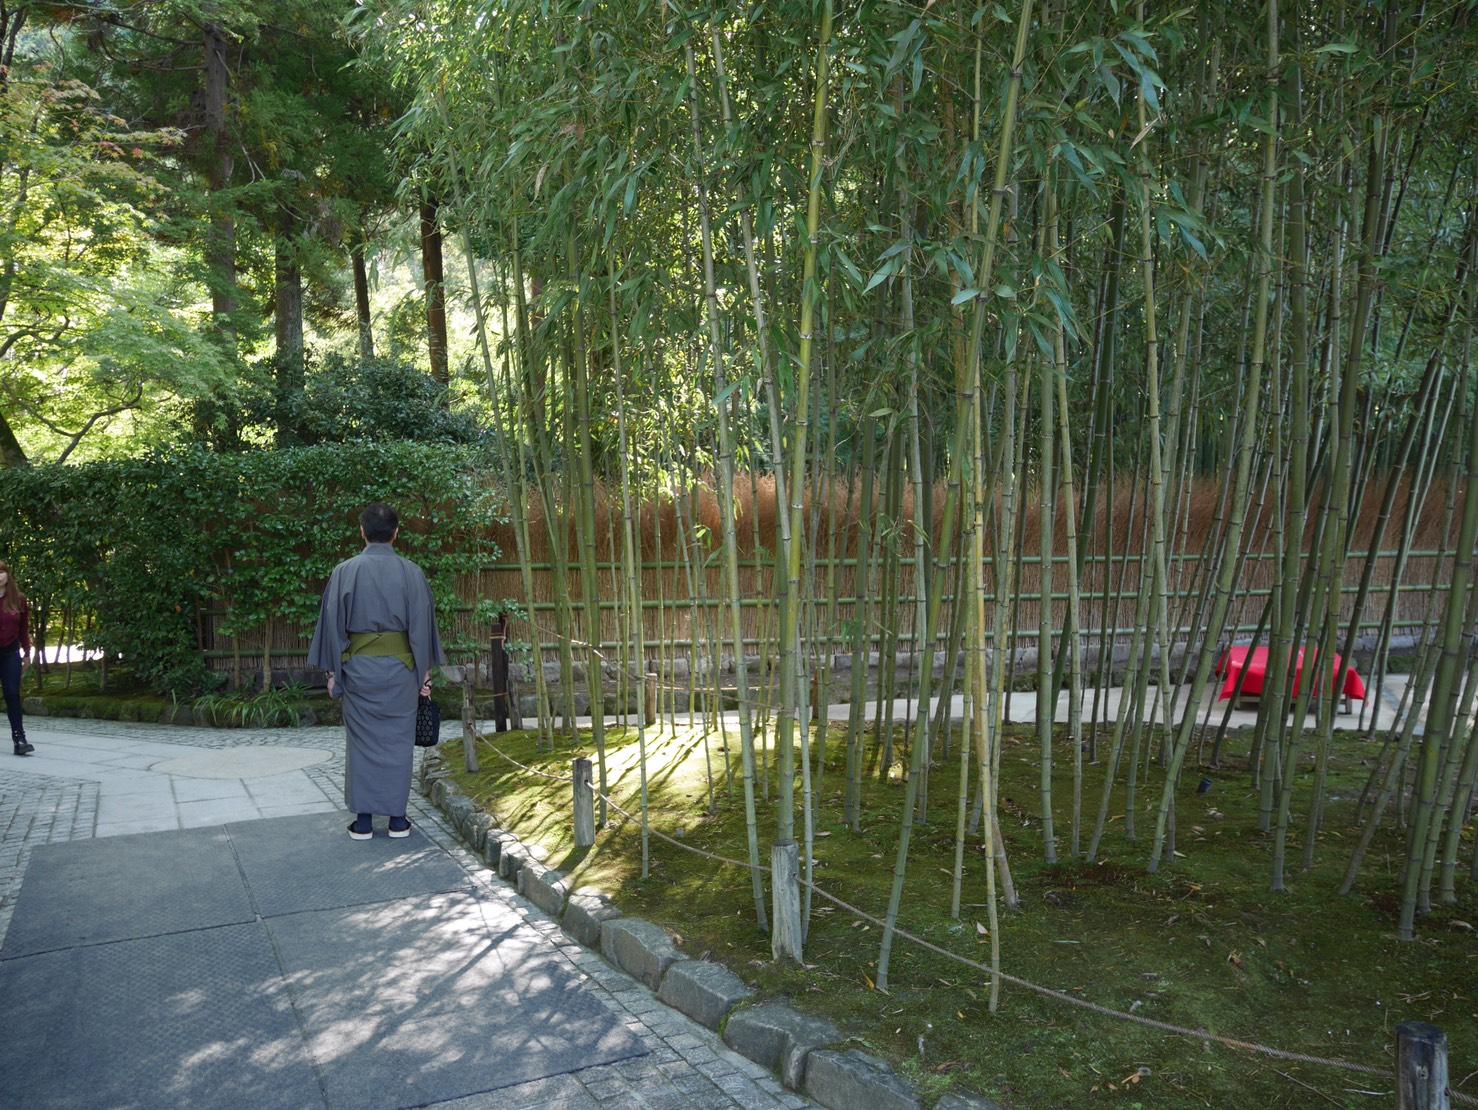 銀婚式で銀閣寺へ2019年10月23日2